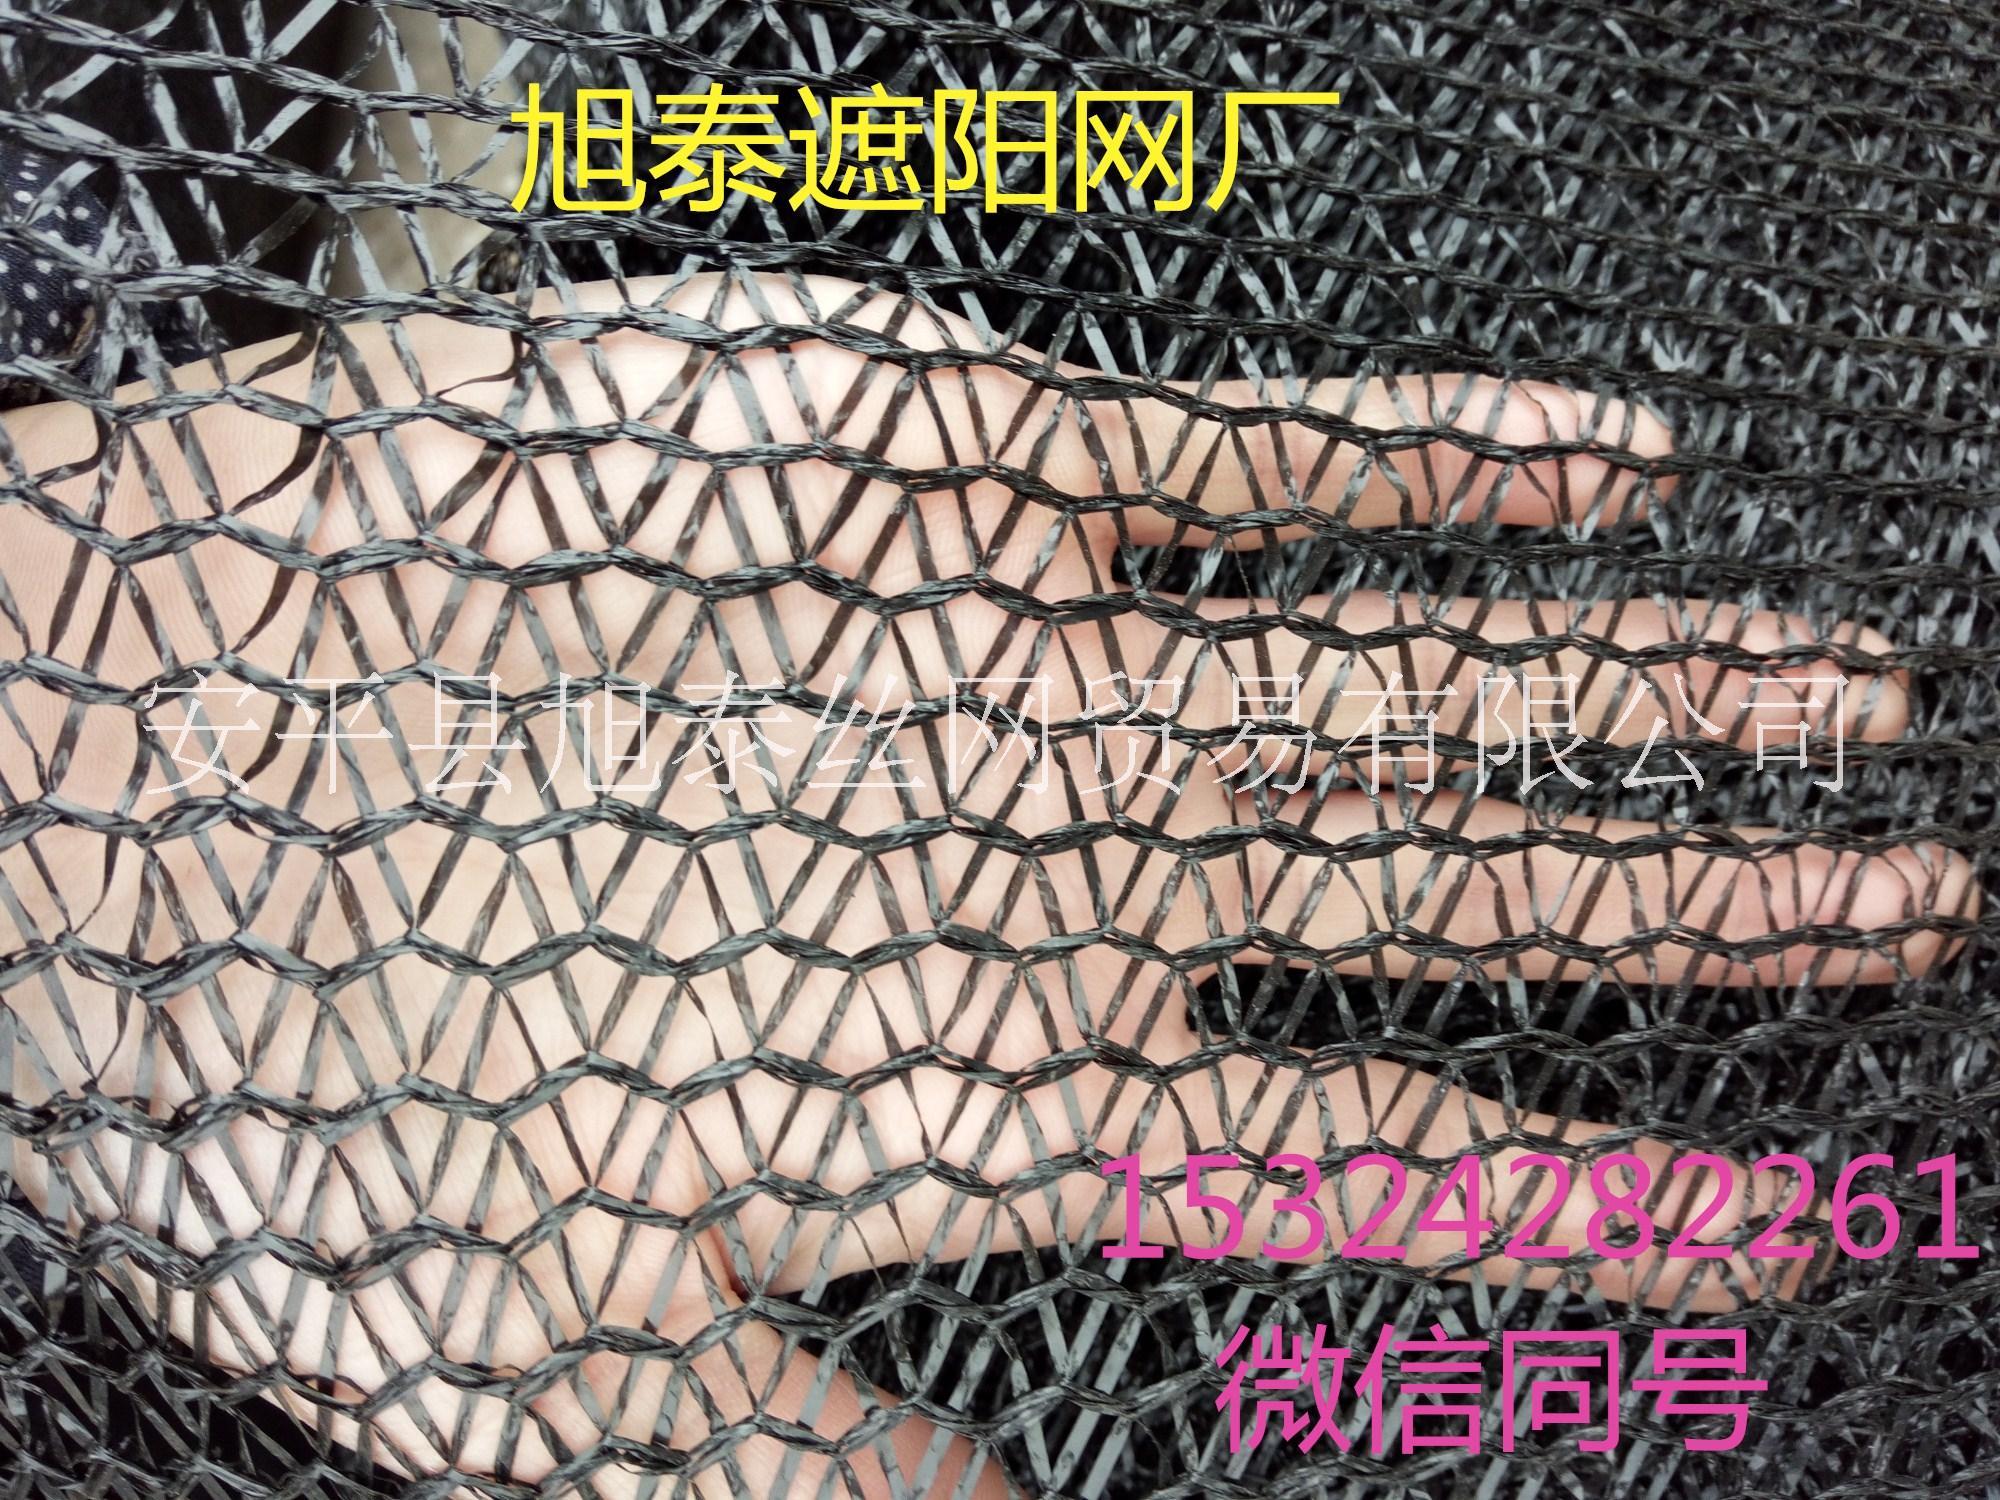 遮阳网图片/遮阳网样板图 (2)